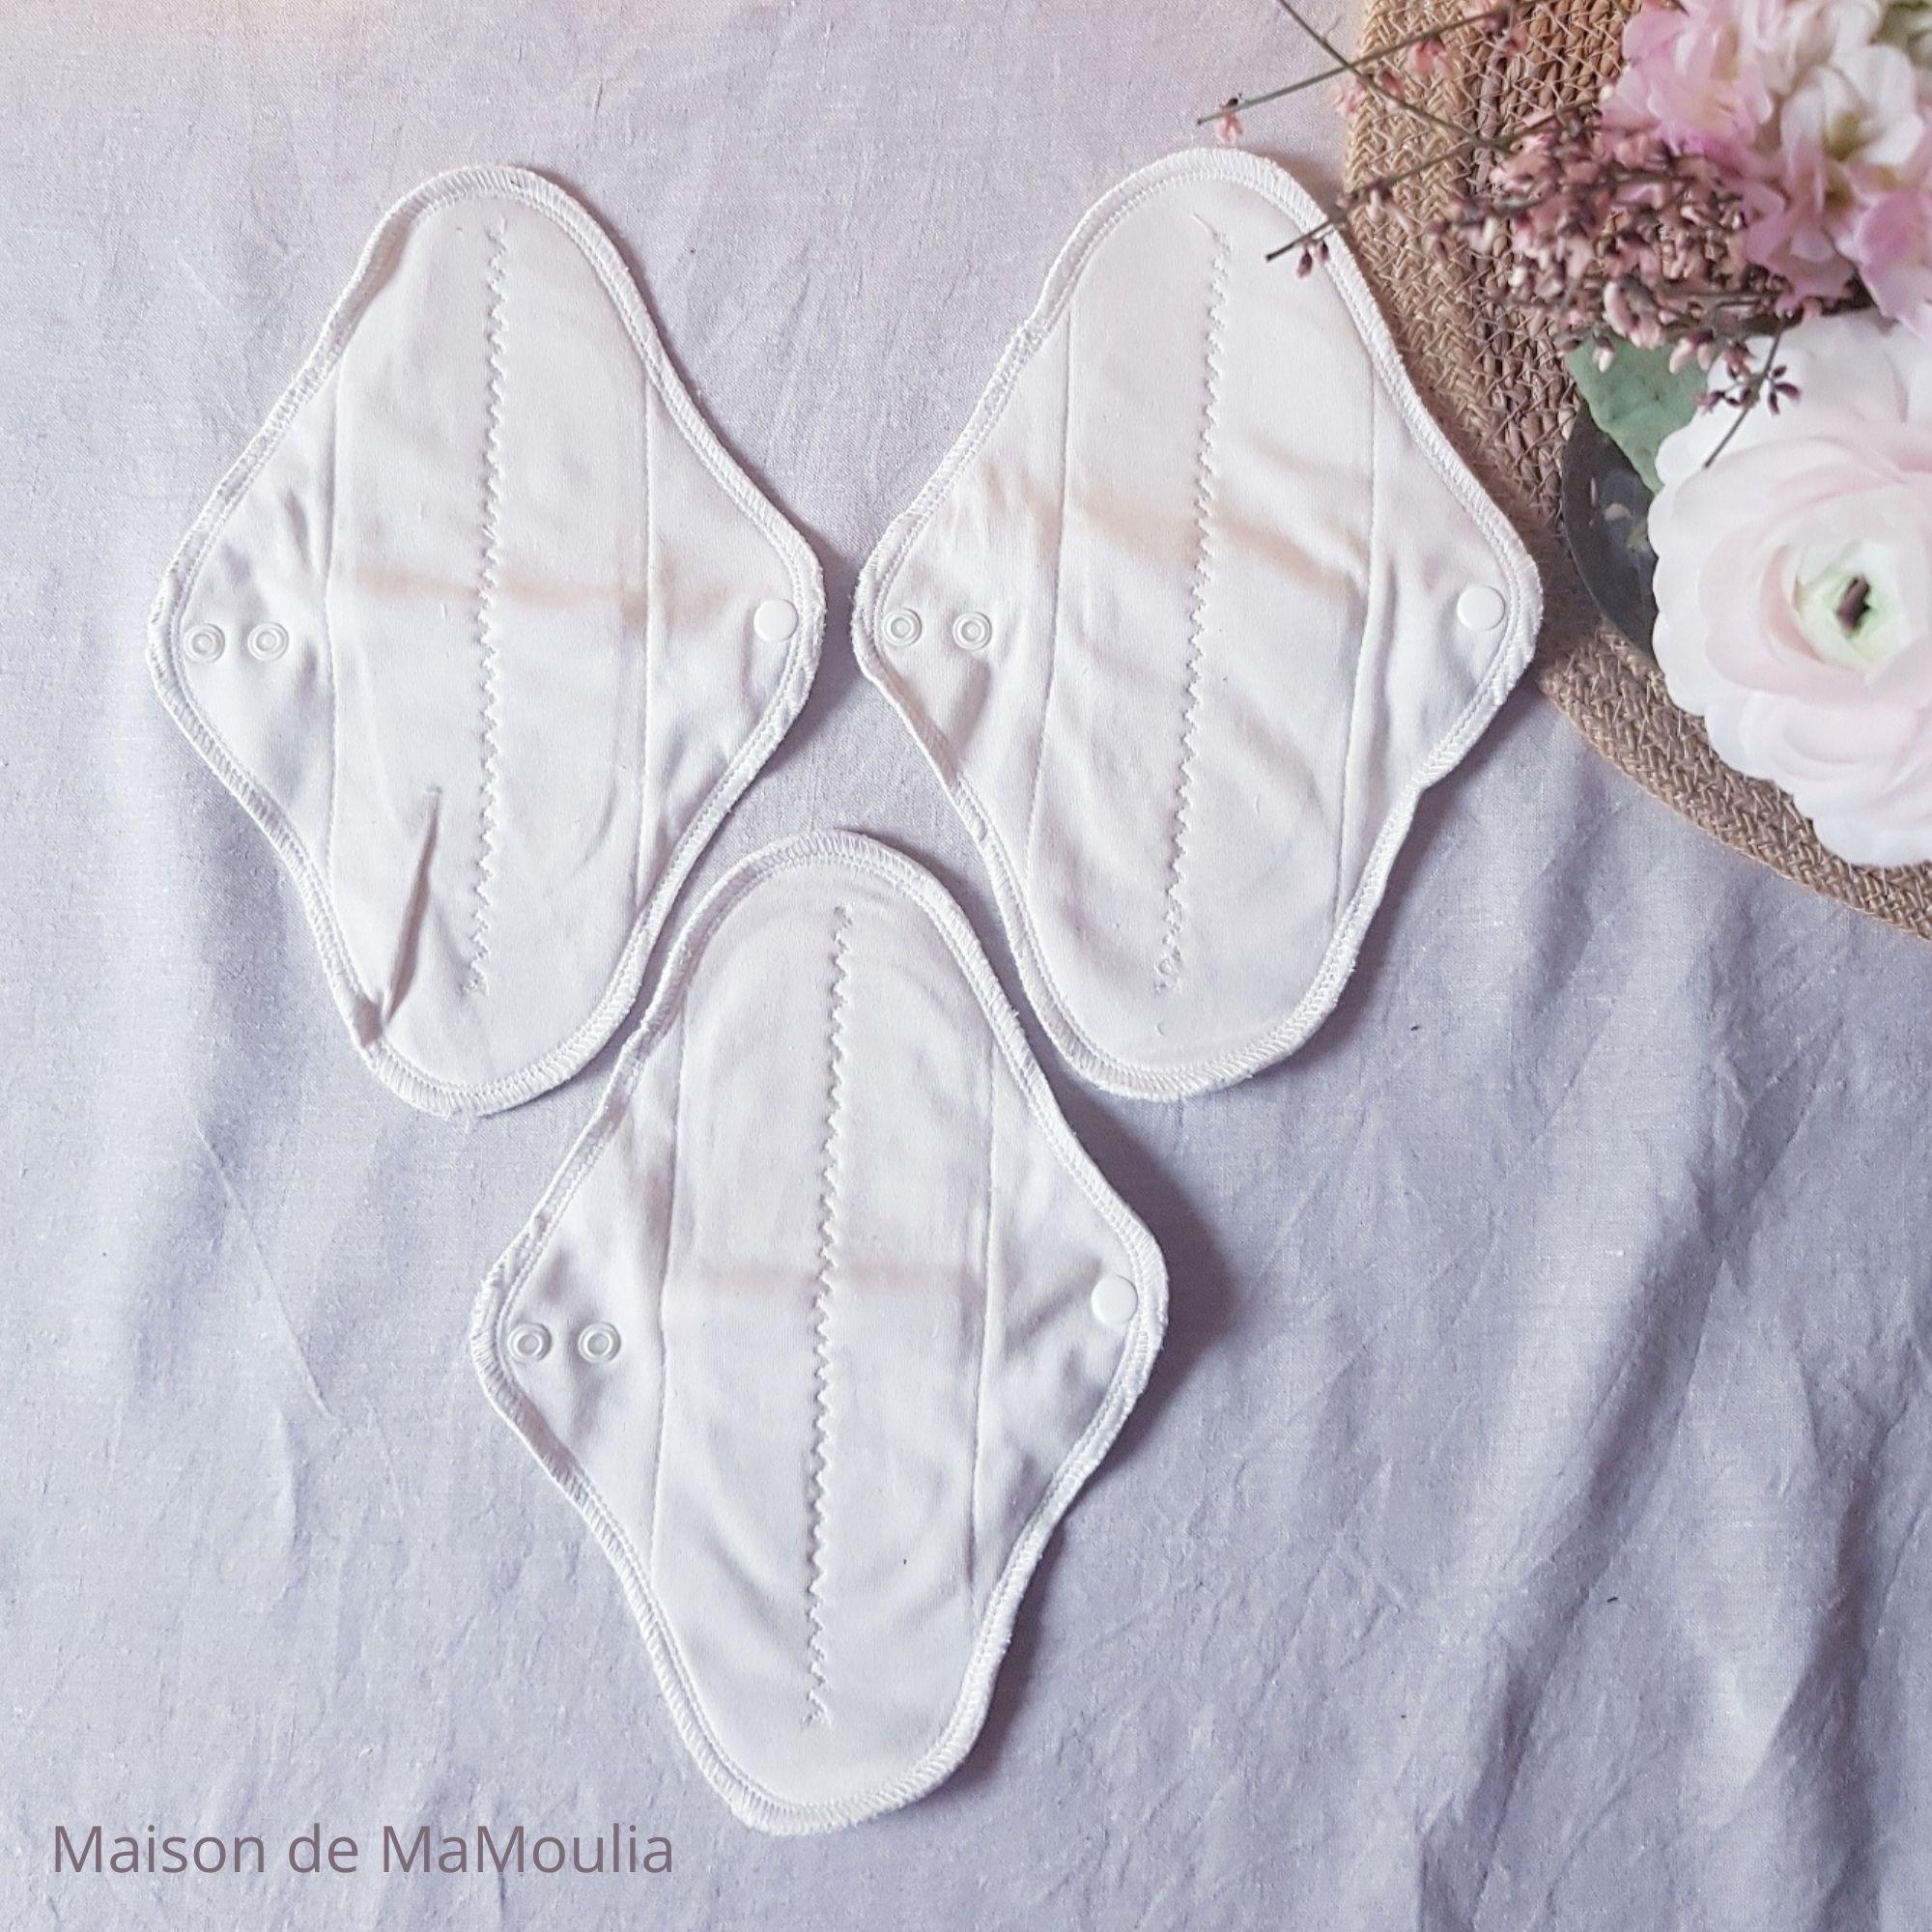 MaM ECOFIT - Serviettes Hygiéniques Lavables - taille REGULAR PLUS - ÉCRU, lot de 3